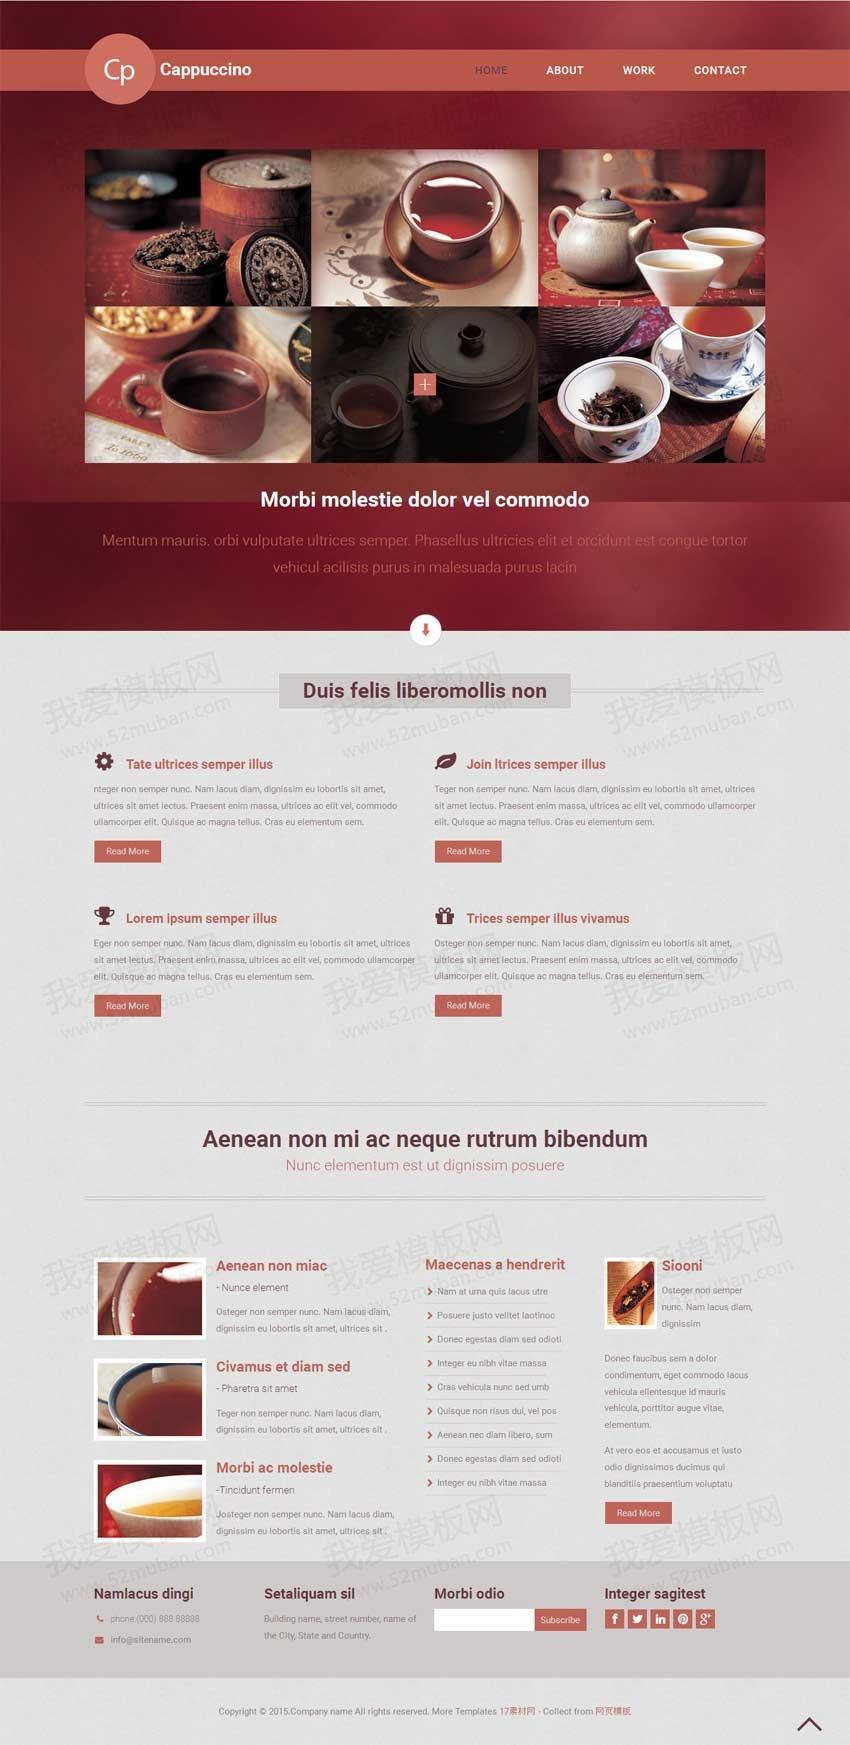 国外棕色的茶叶网站设计模板源码下载